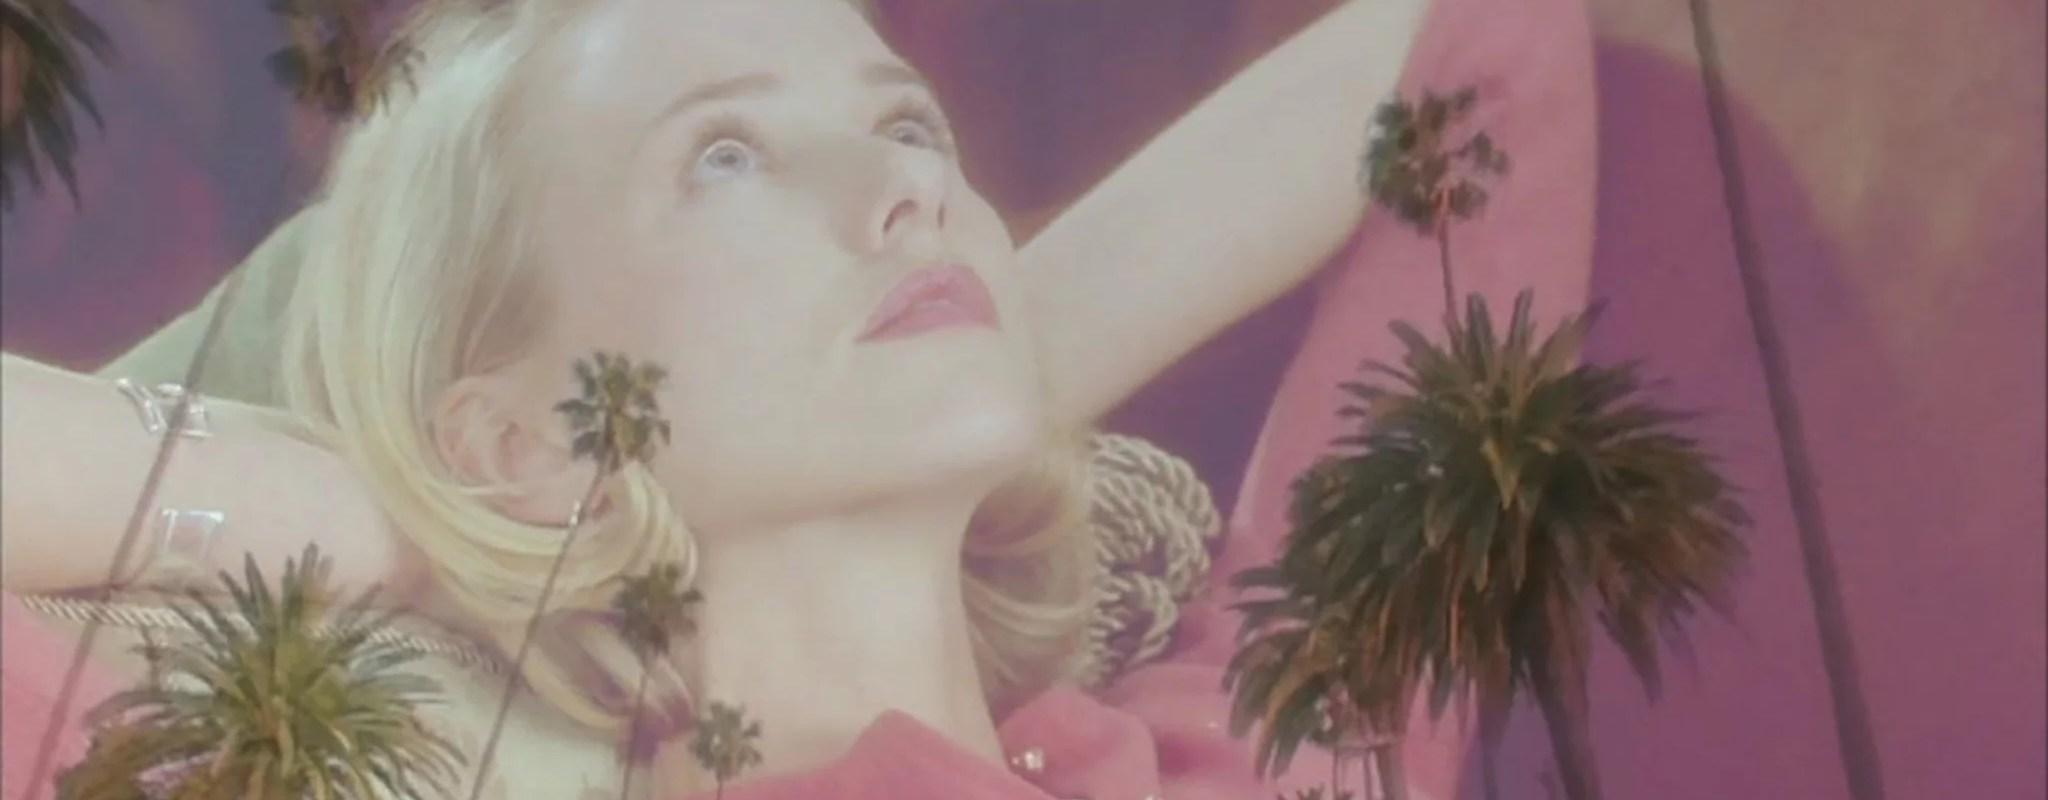 Mulholland Drive mercredi, une soirée au pays des rêves